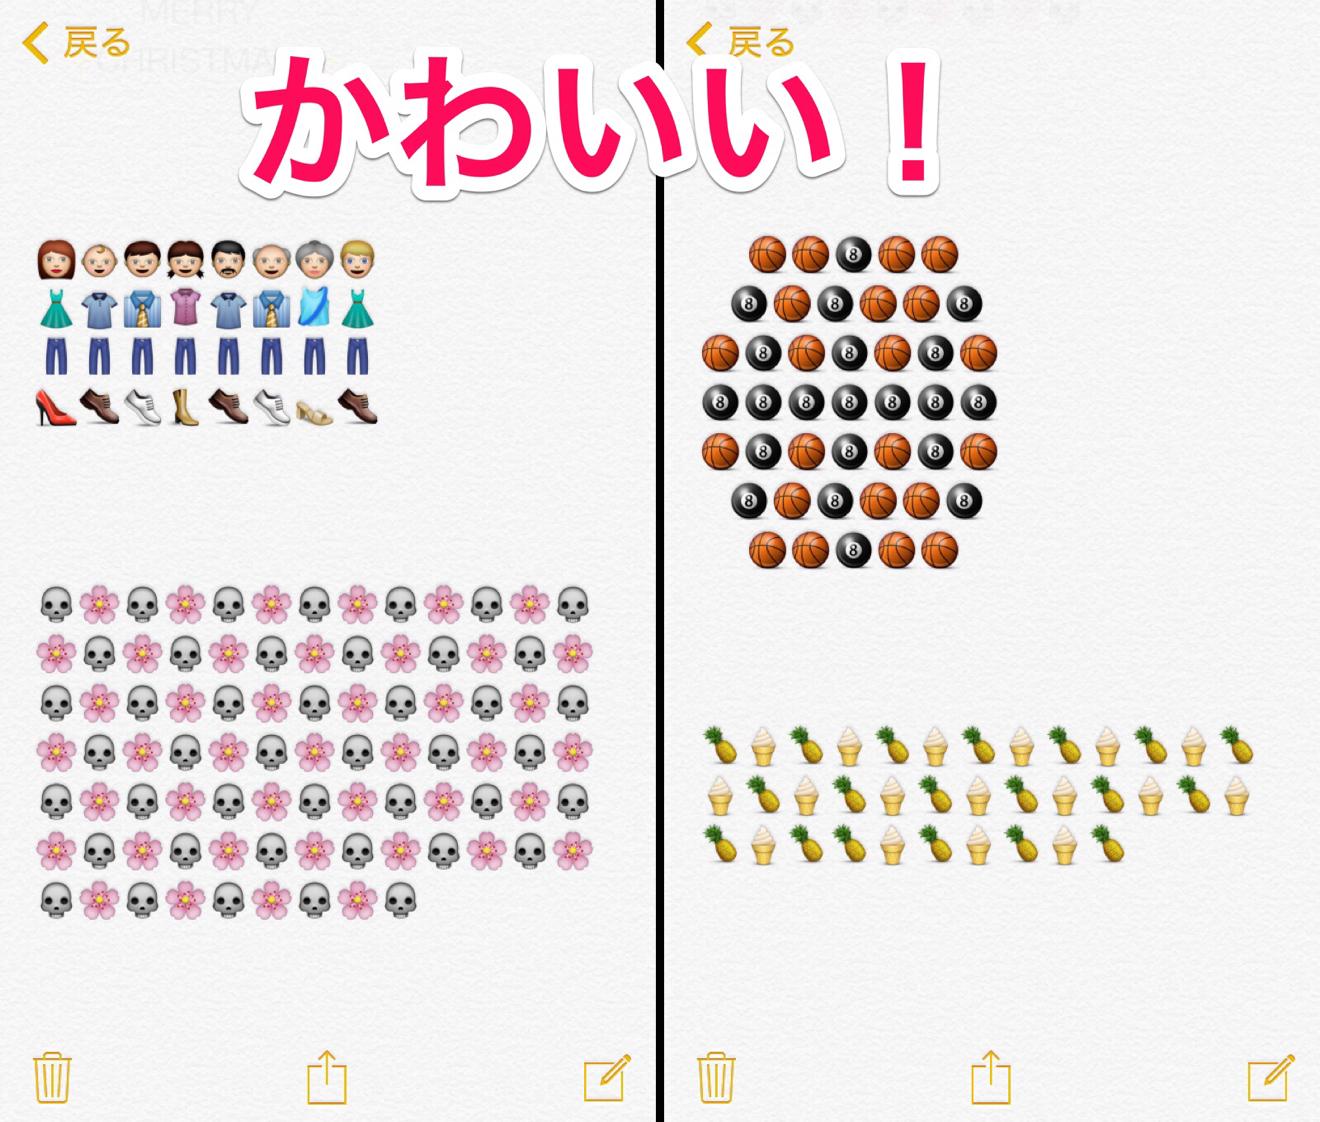 絵文字 コピペ